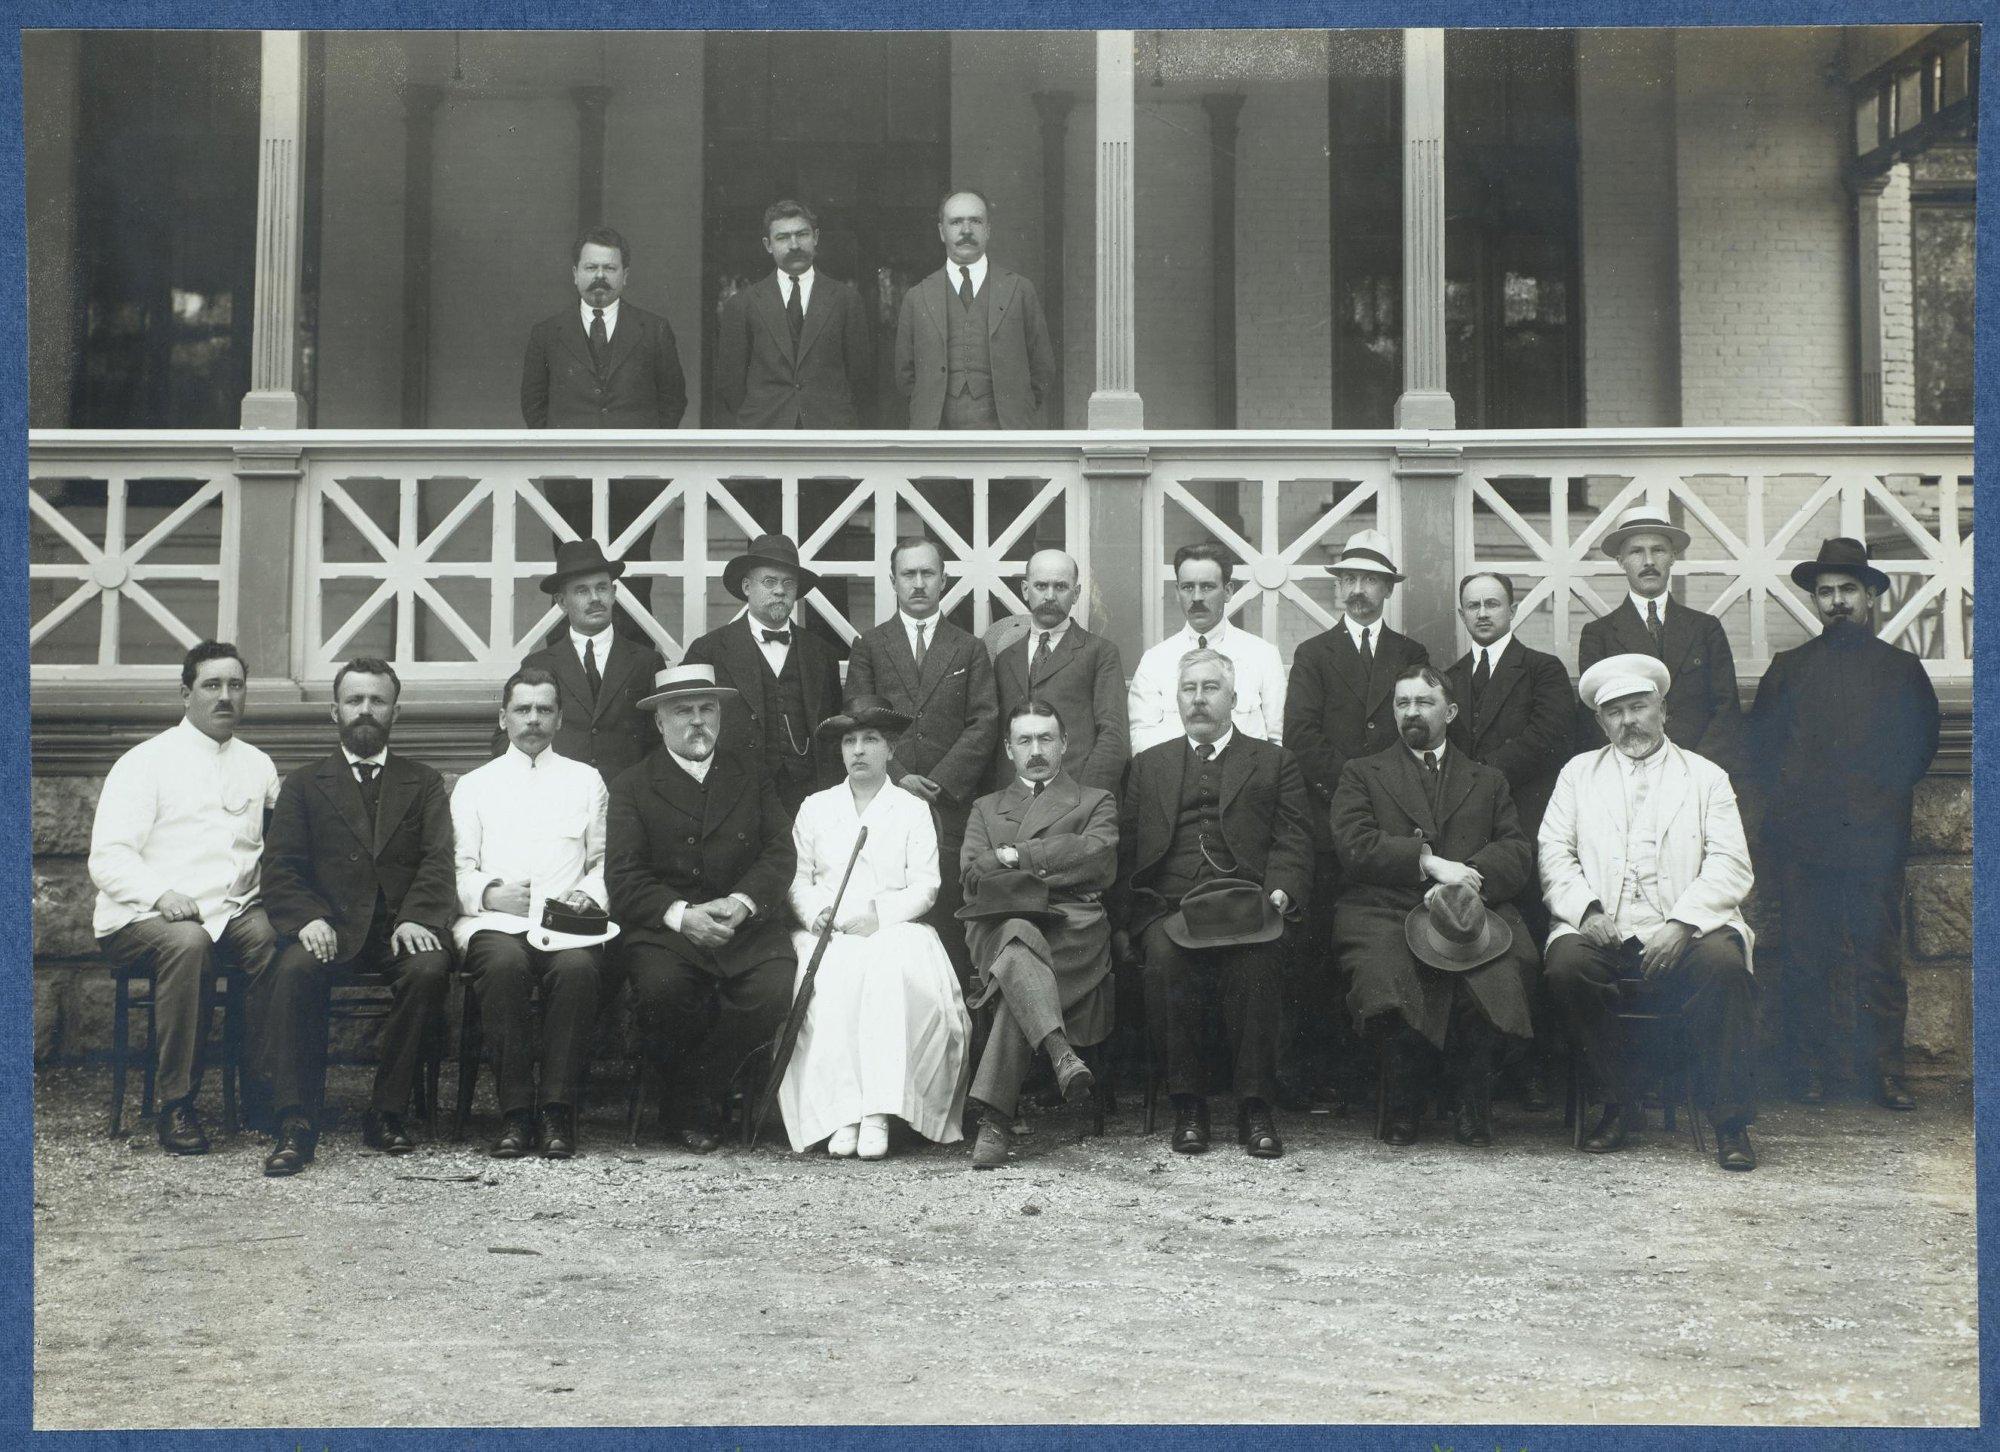 Центральный железнодорожный комитет помощи голодающим России. Харбин. 31 мая 1922